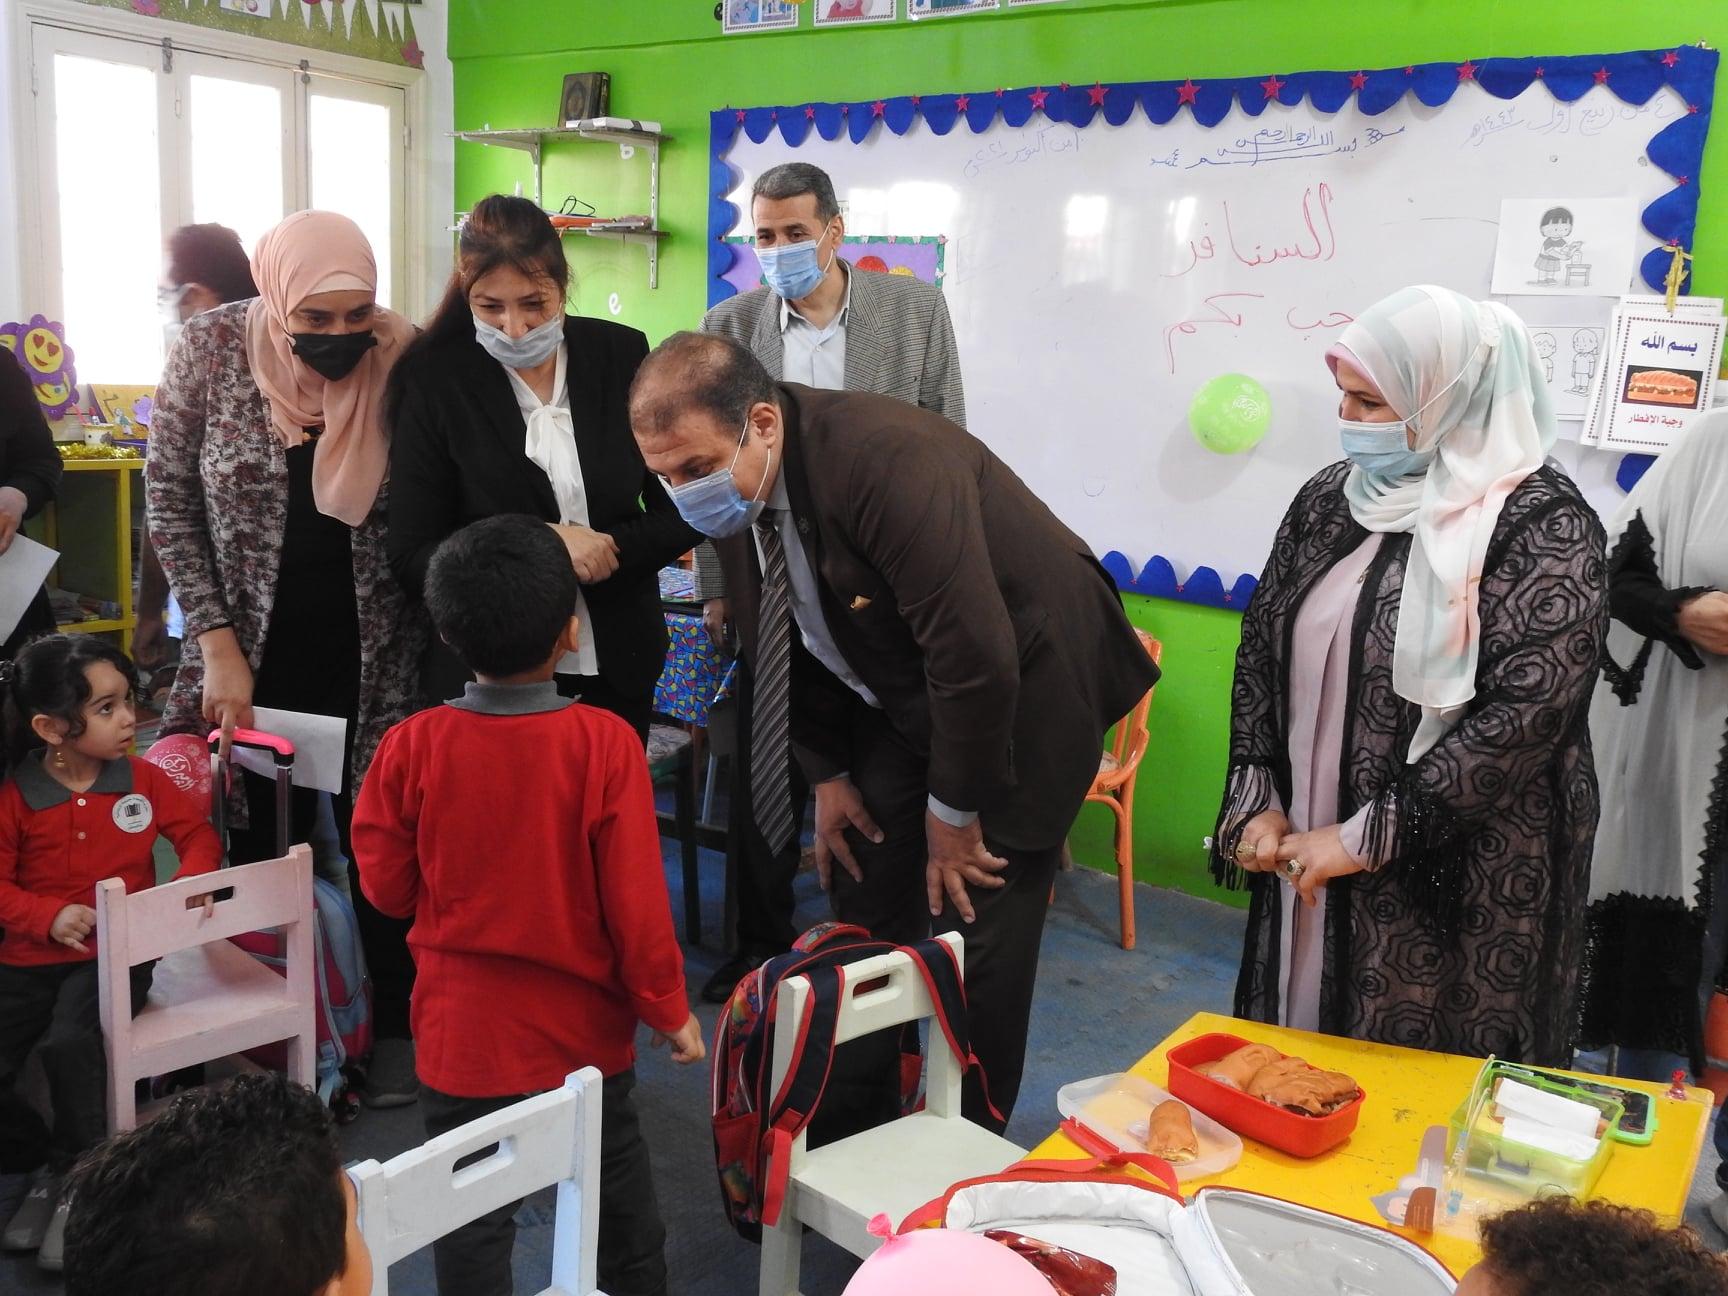 هانى عنتر وثريا منصور يتفقدا فصول رياض الأطفال